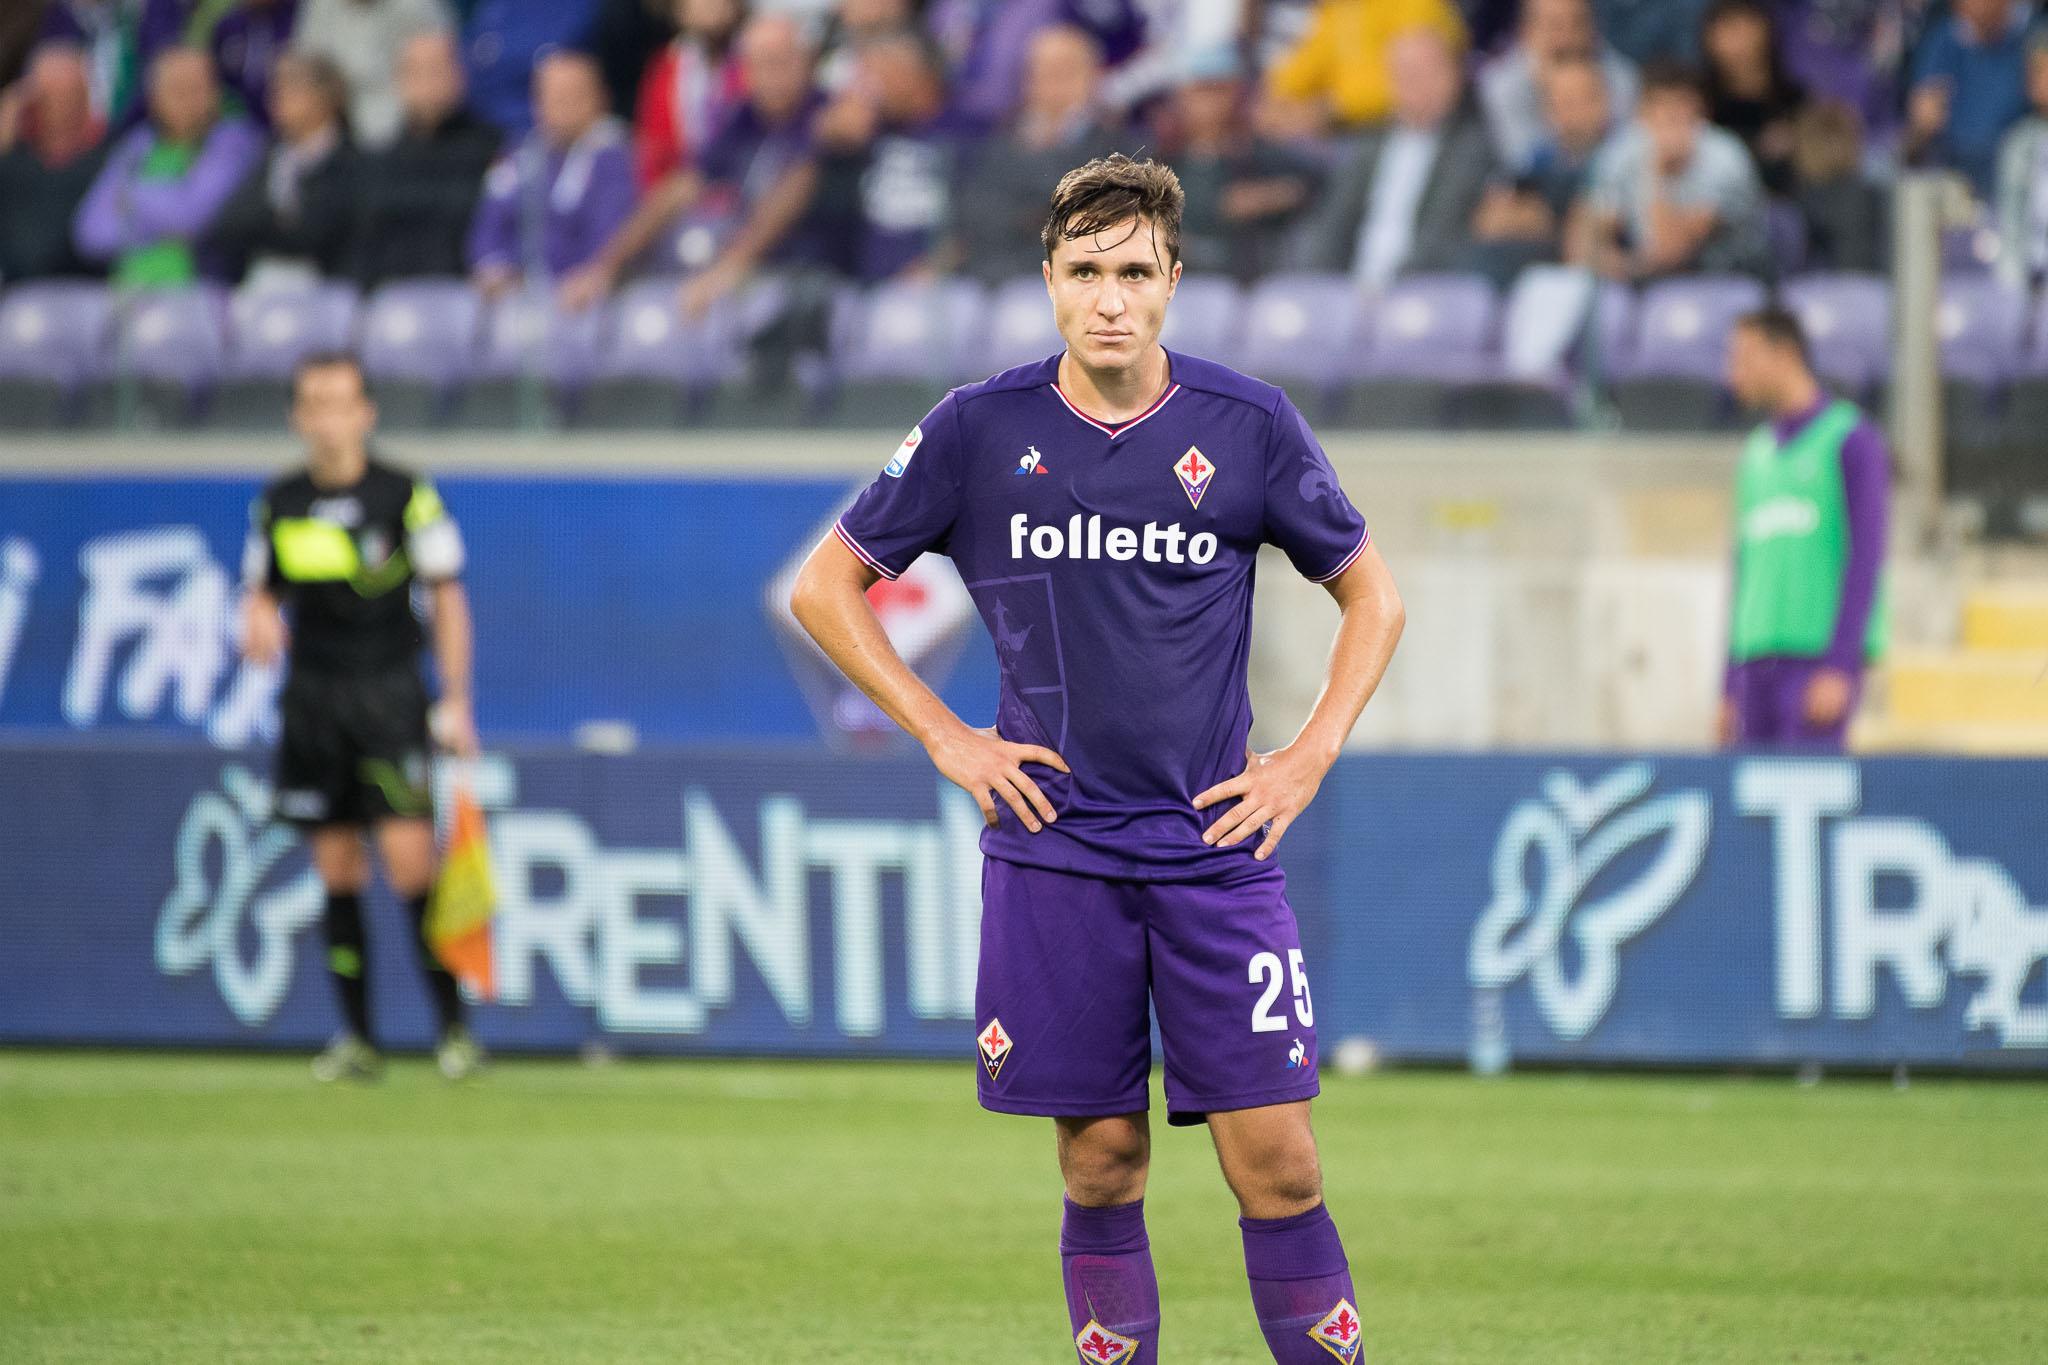 Le big italiane vogliono Chiesa per rispondere C.Ronaldo. Ma la Fiorentina…